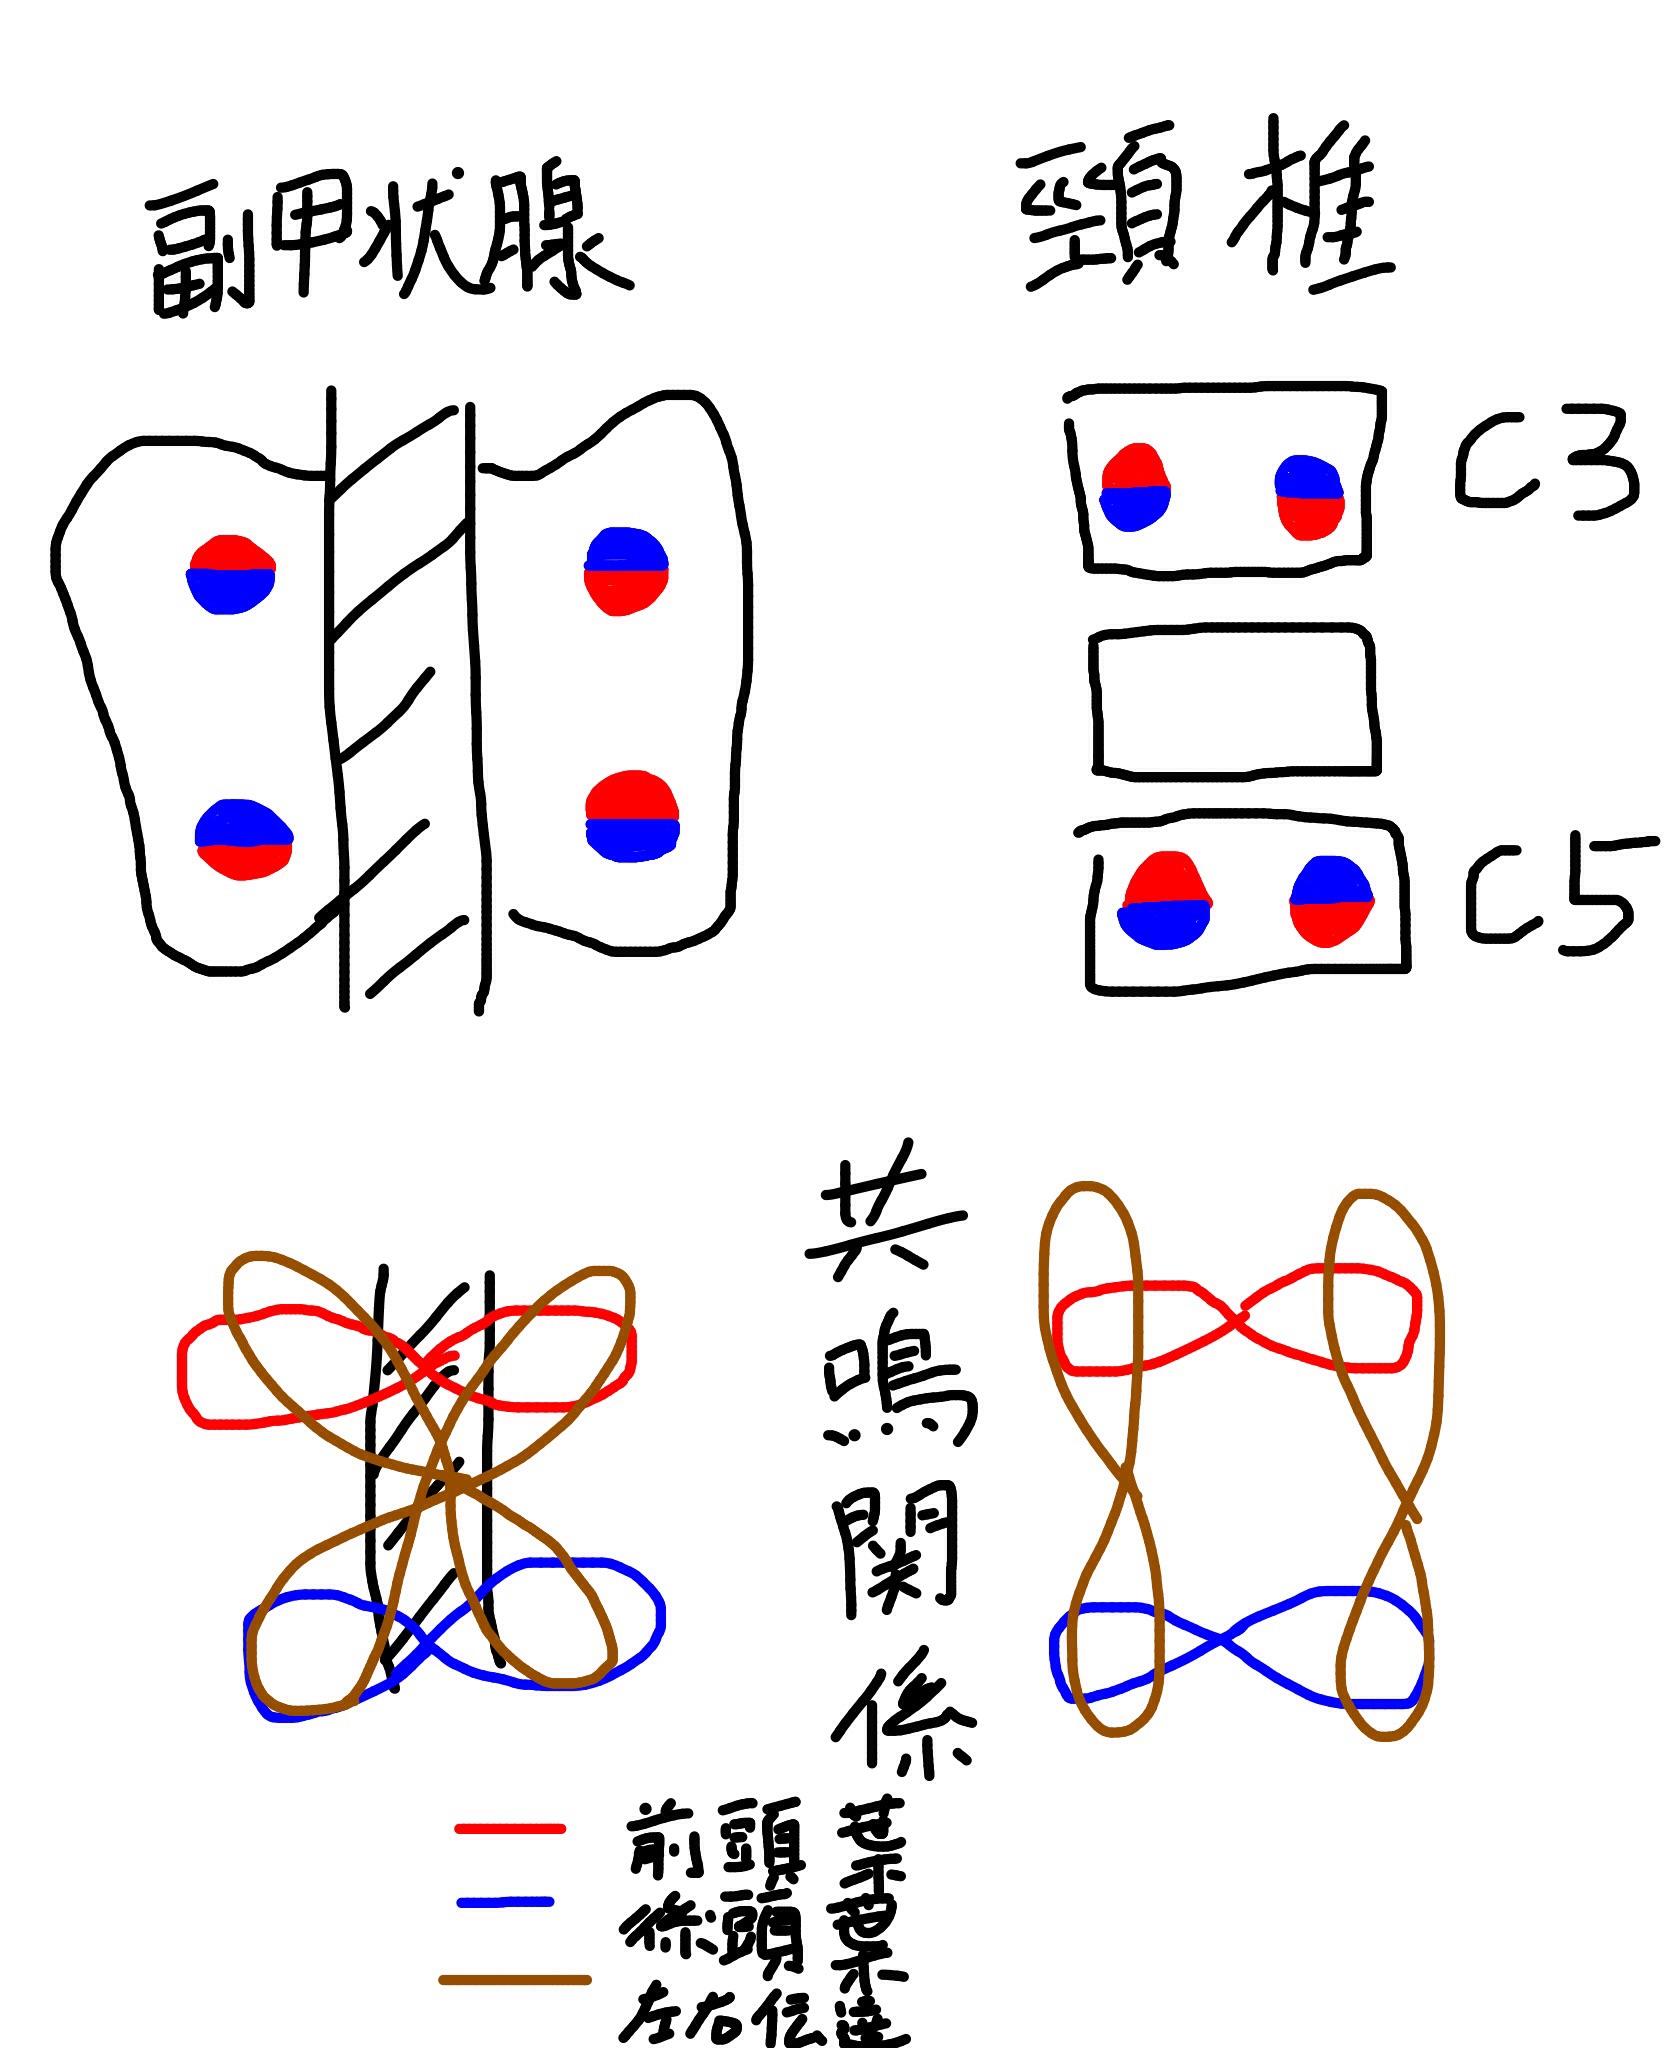 共鳴制御ポイント図(副甲状腺と頸椎)